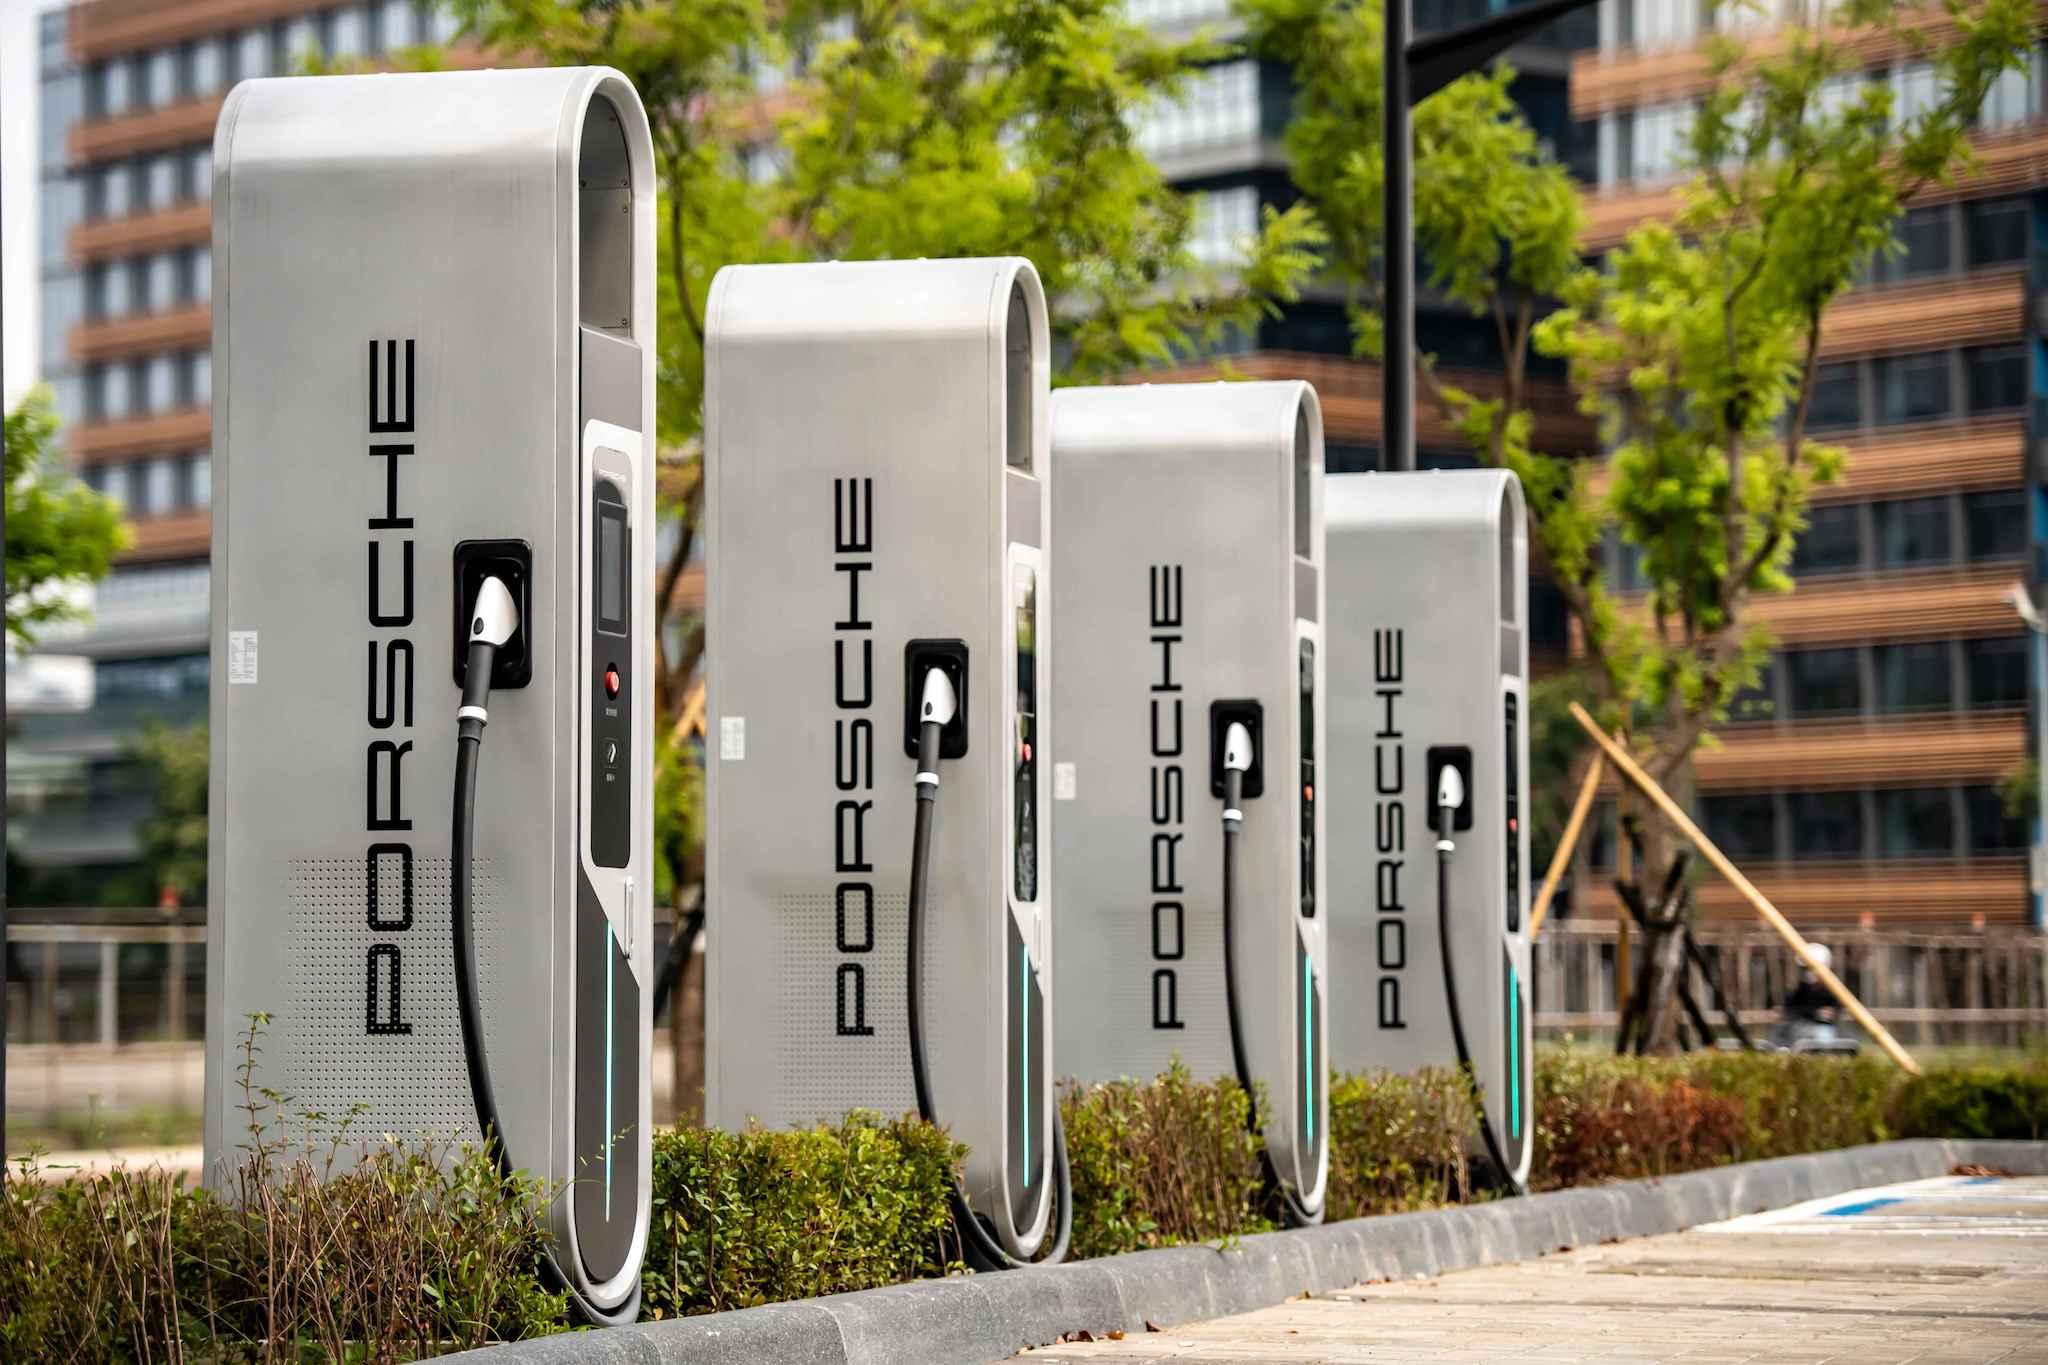 全新台北保時捷中心為保時捷全台充電網絡佈局的站點之一,率先設置全台首四座保時捷Porsche Turbo Charging高速充電樁。